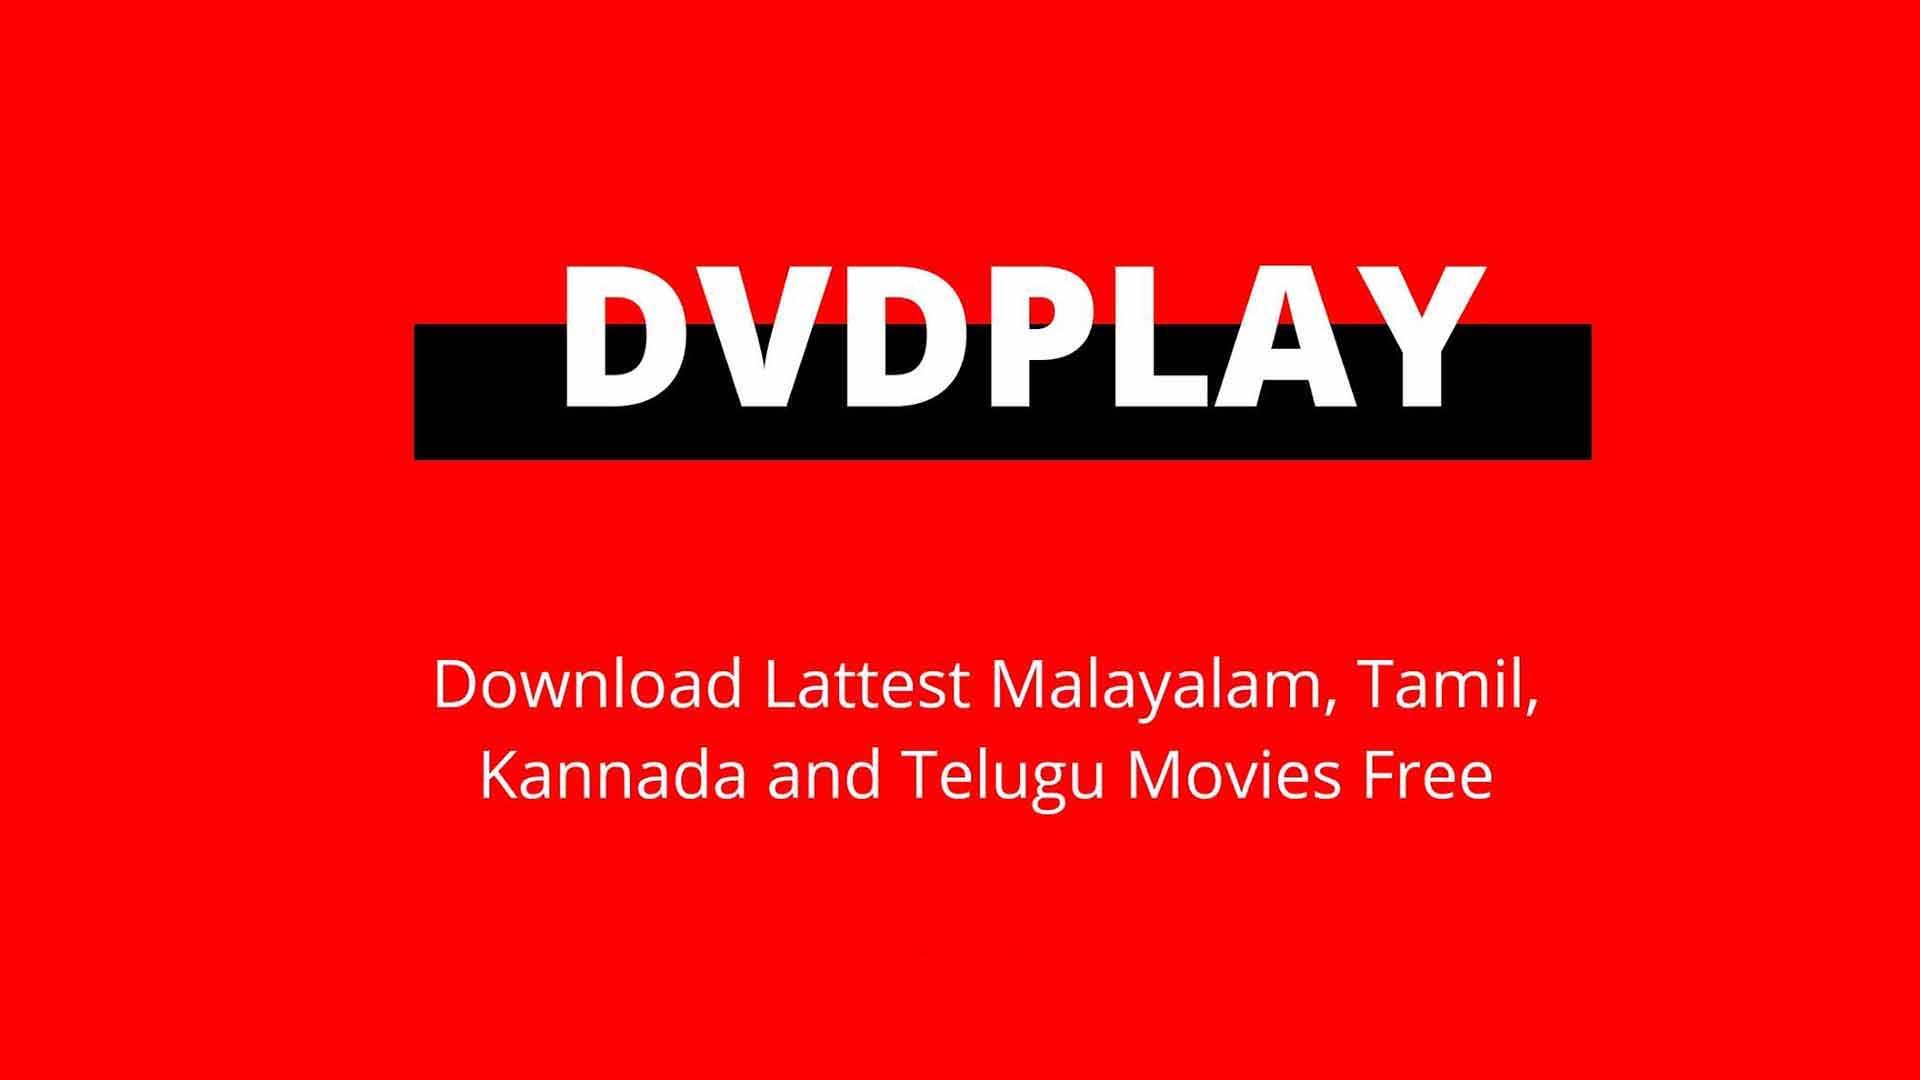 DVDPLAY 2021|DOWNLOAD MALAYALAM, HINDI MOVIES